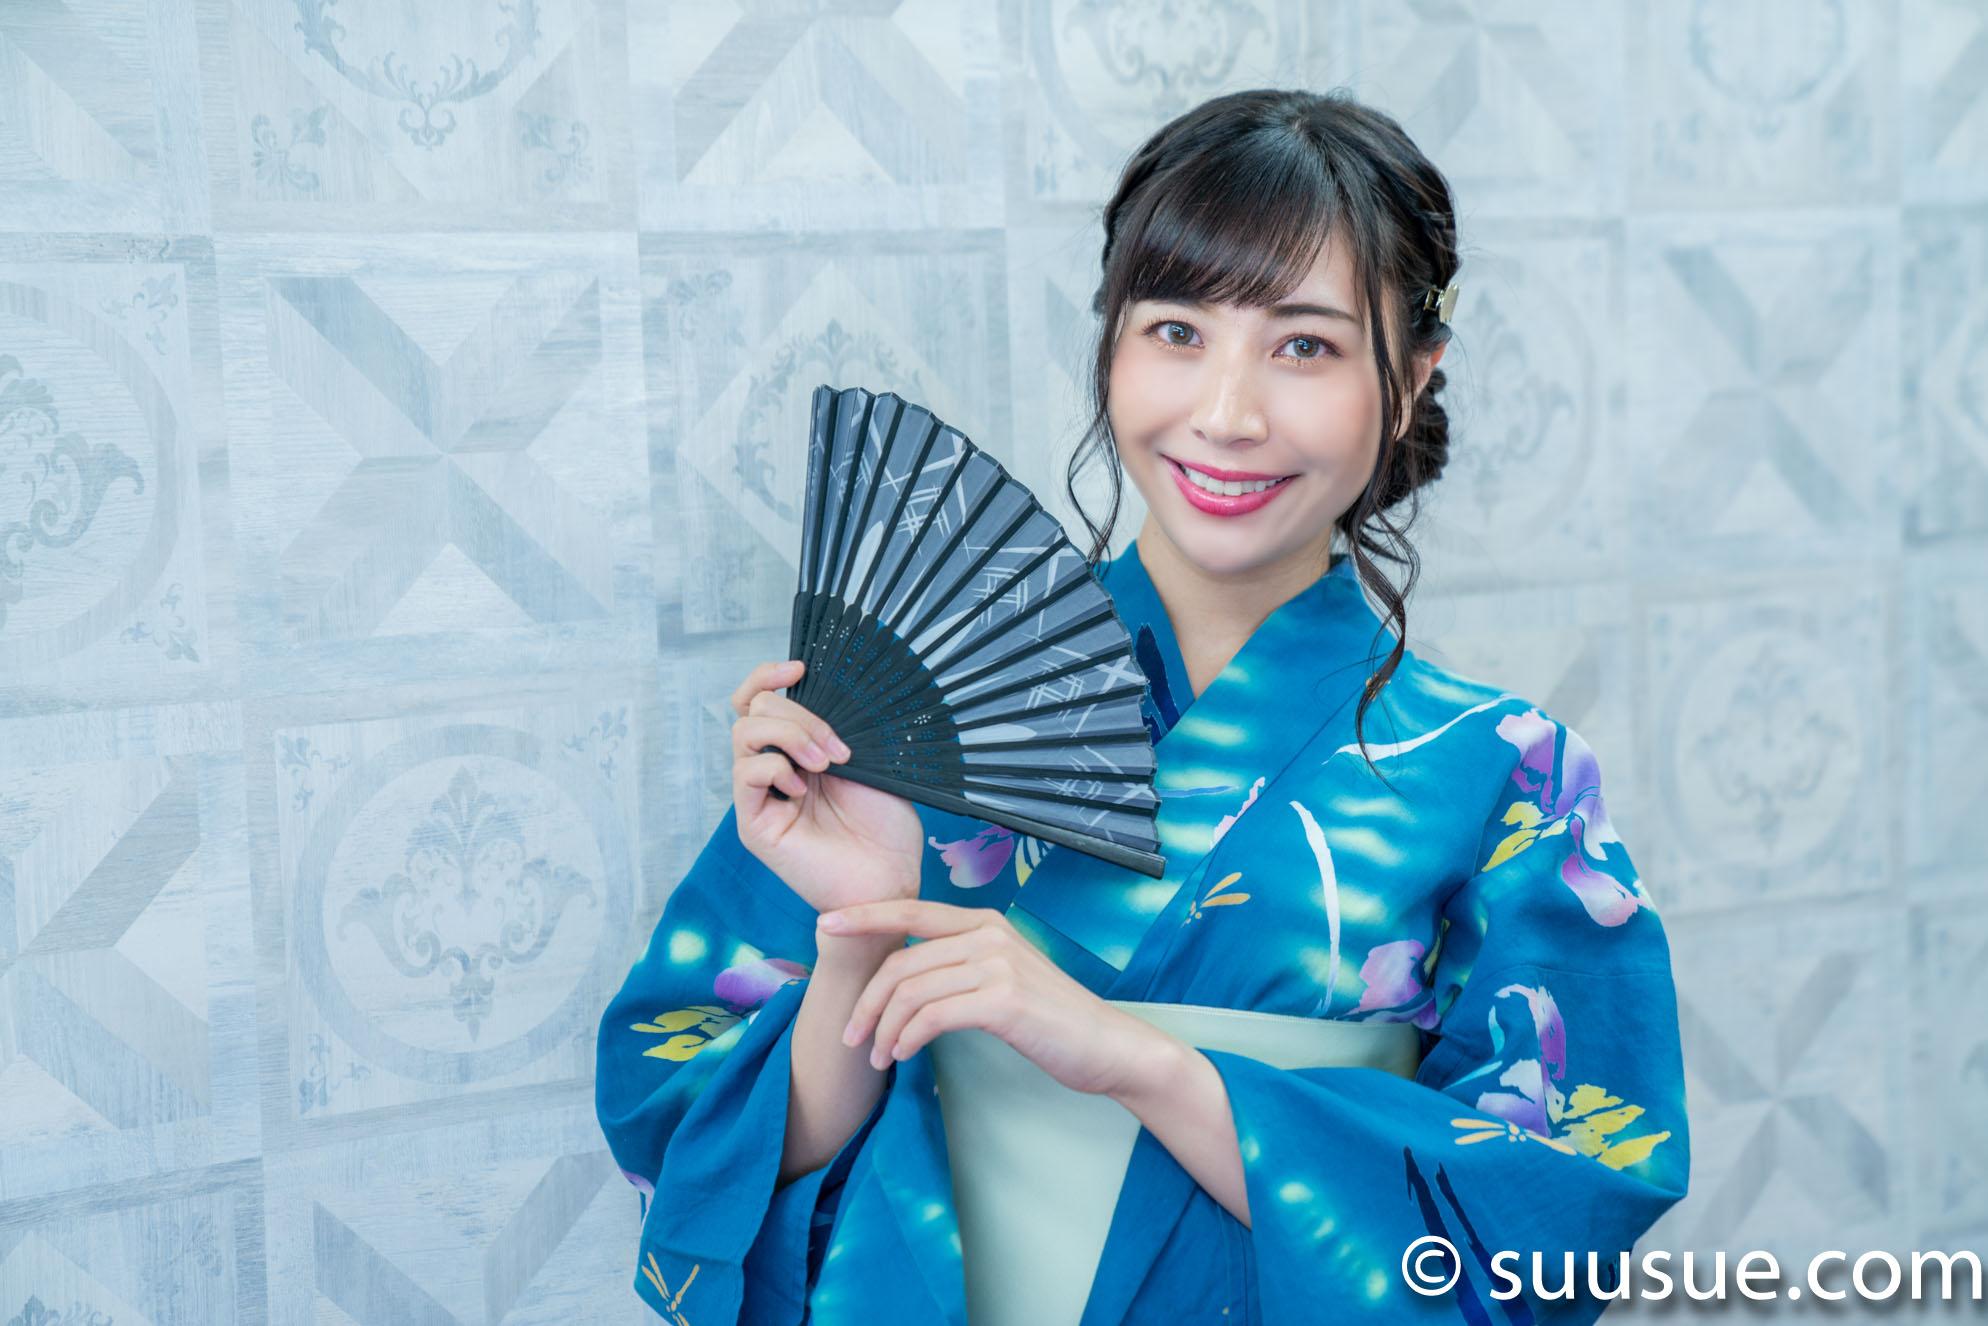 緑川ちひろ 浴衣 2019/07/20 東京Lily撮影会